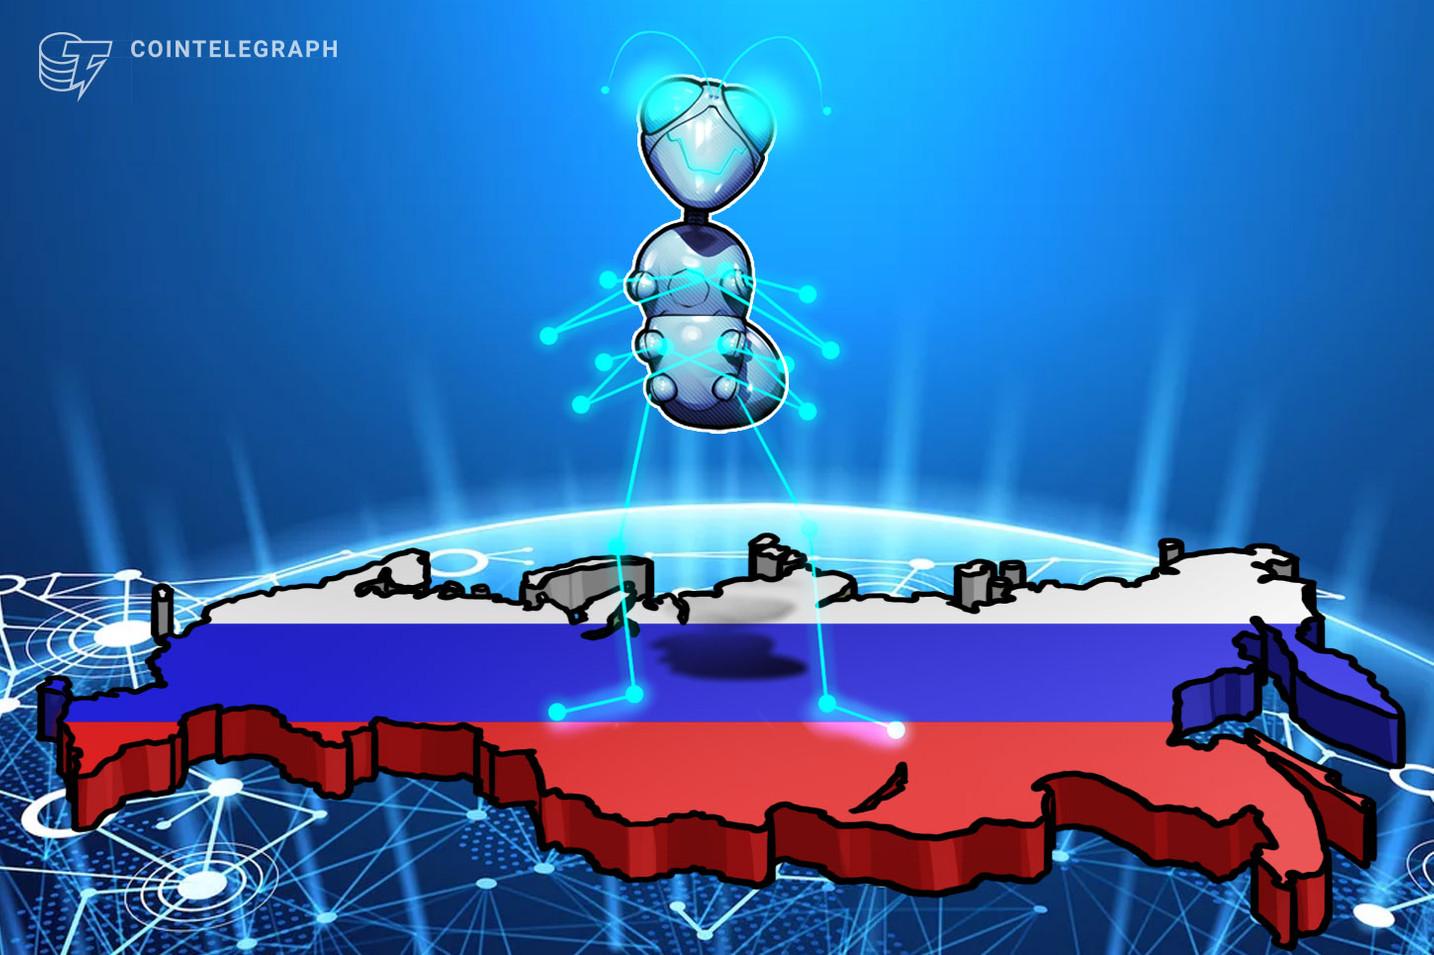 Un conglomerado ruso propiedad del estado propone aplicar DLT en todos los sistemas de datos gubernamentales